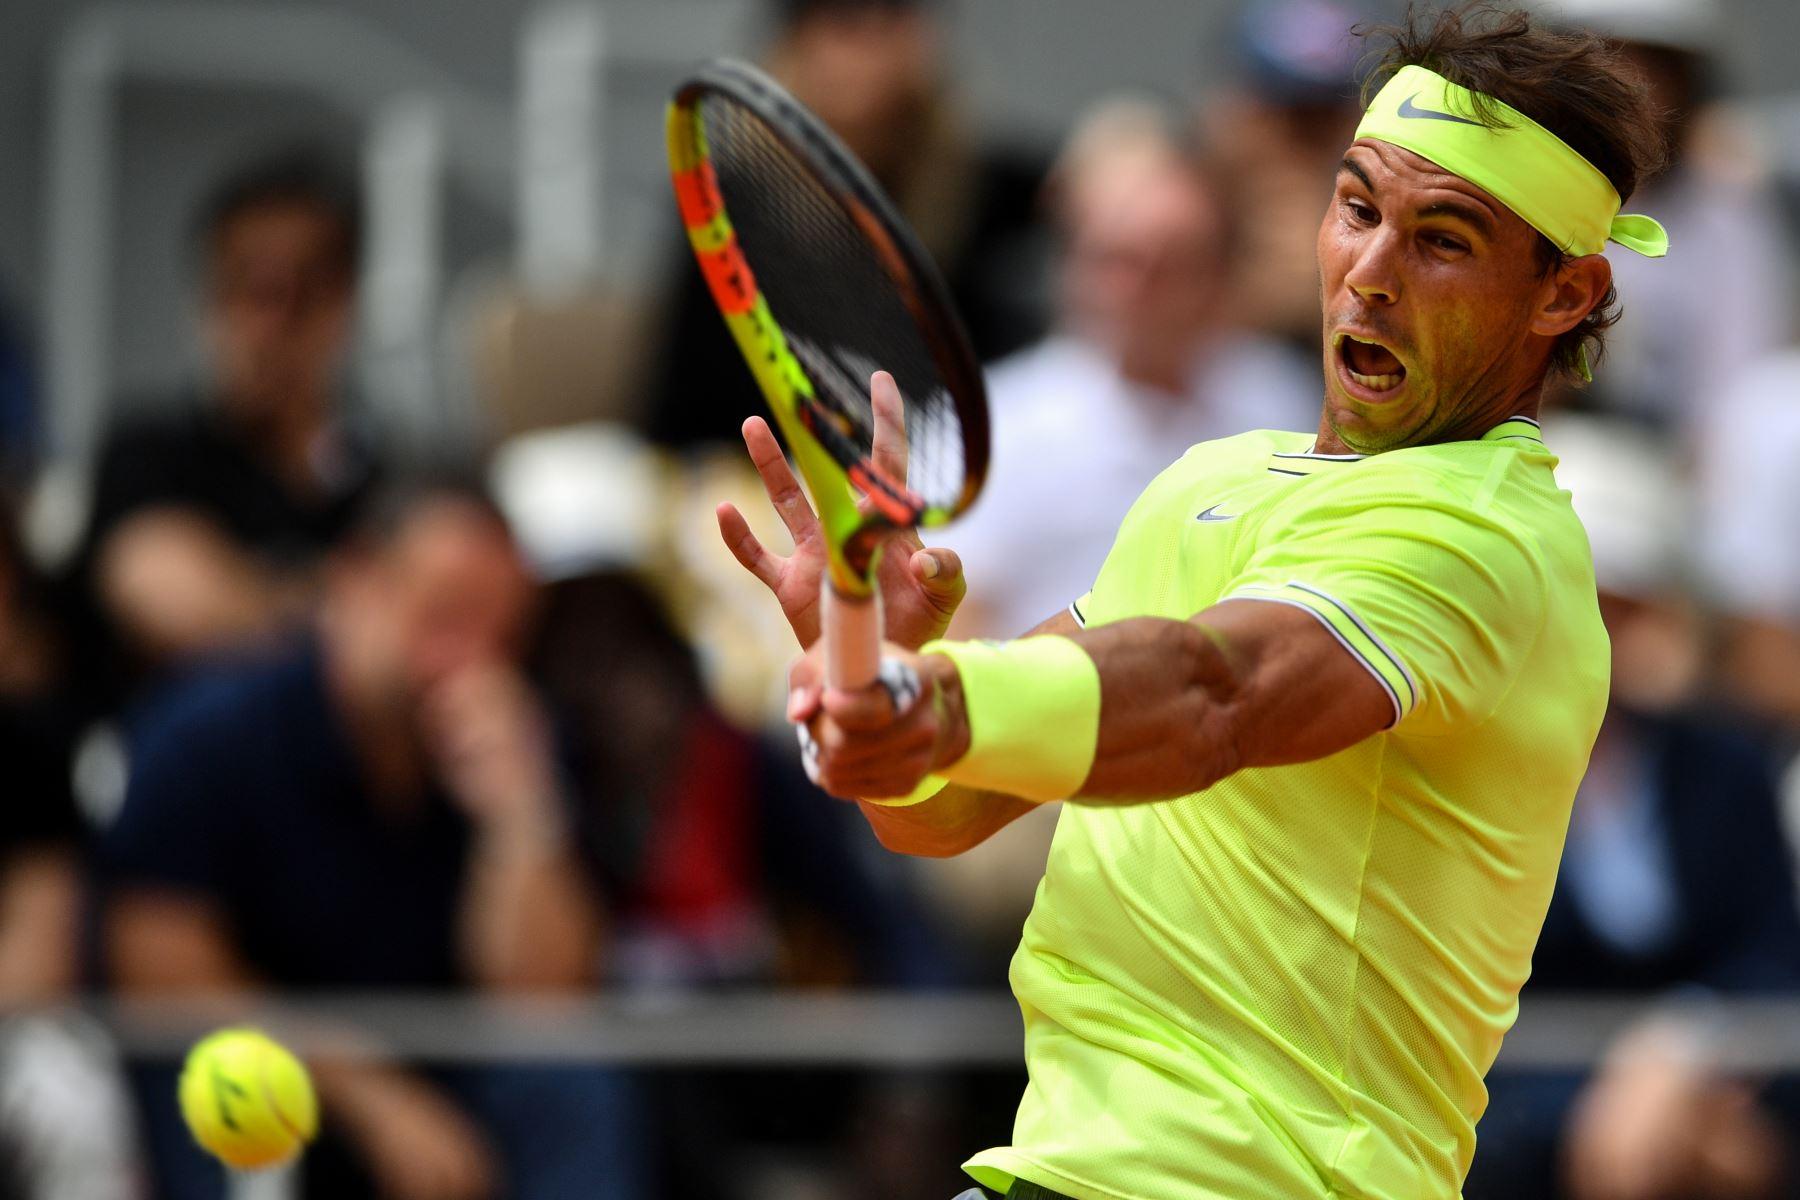 El español Rafael Nadal devuelve el balón a Austria Dominic Thiem durante el último partido de individuales masculino  de tenis Roland Garros 2019. Foto :AFP